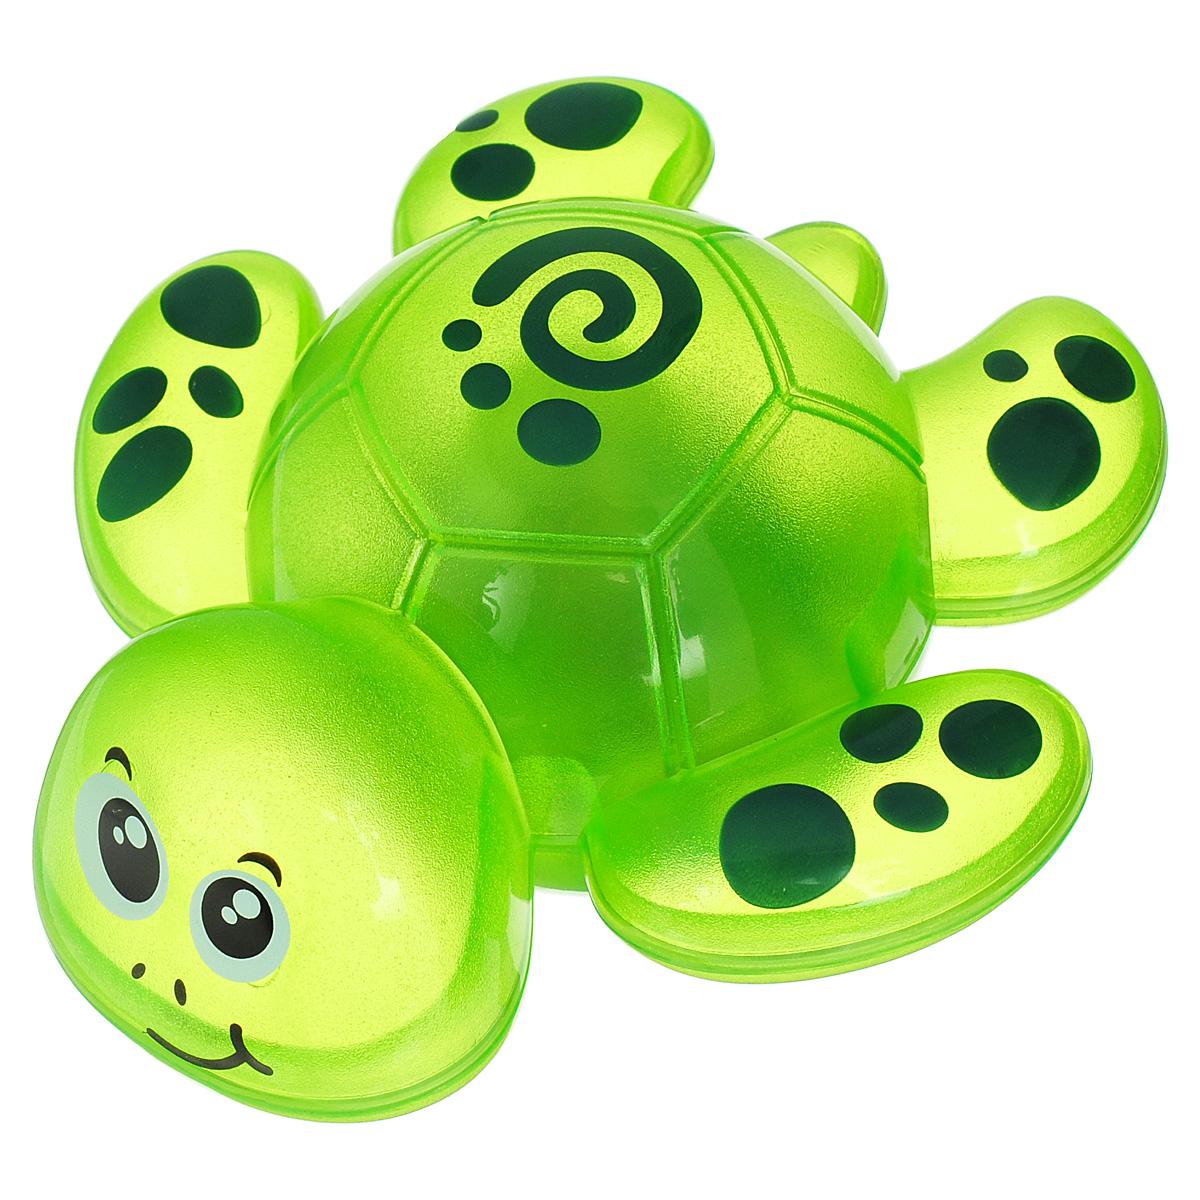 Игрушка для ванны Happy Kid Черепашка, со световым эффектом, цвет: зеленый4320_зеленыйЯркая игрушка Happy Kid Черепашка станет отличным подарком для любого ребенка, обожающего игры в ванной. С ней можно придумать массу замечательных игр во время купания. Она выполнена из прочного безопасного нетоксичного пластика в виде симпатичной черепашки с закругленными краями и четко прорисованными чертами мордашки: глазками, носиком, ротиком и бровками. Размер игрушки идеален для детской ладошки. Игрушка прекрасно держится на поверхности воды. Стоит только опустить черепашку в воду, как она начнет светиться, развлекая малыша. Игрушка Happy Kid Черепашка превратит купание в веселую игру, во время которой у крохи будут развиваться зрительные навыки и сенсомоторное восприятие, фантазия и воображение. Рекомендуется докупить 3 батарейки напряжением 1,5V типа LR44 (товар комплектуется демонстрационными).